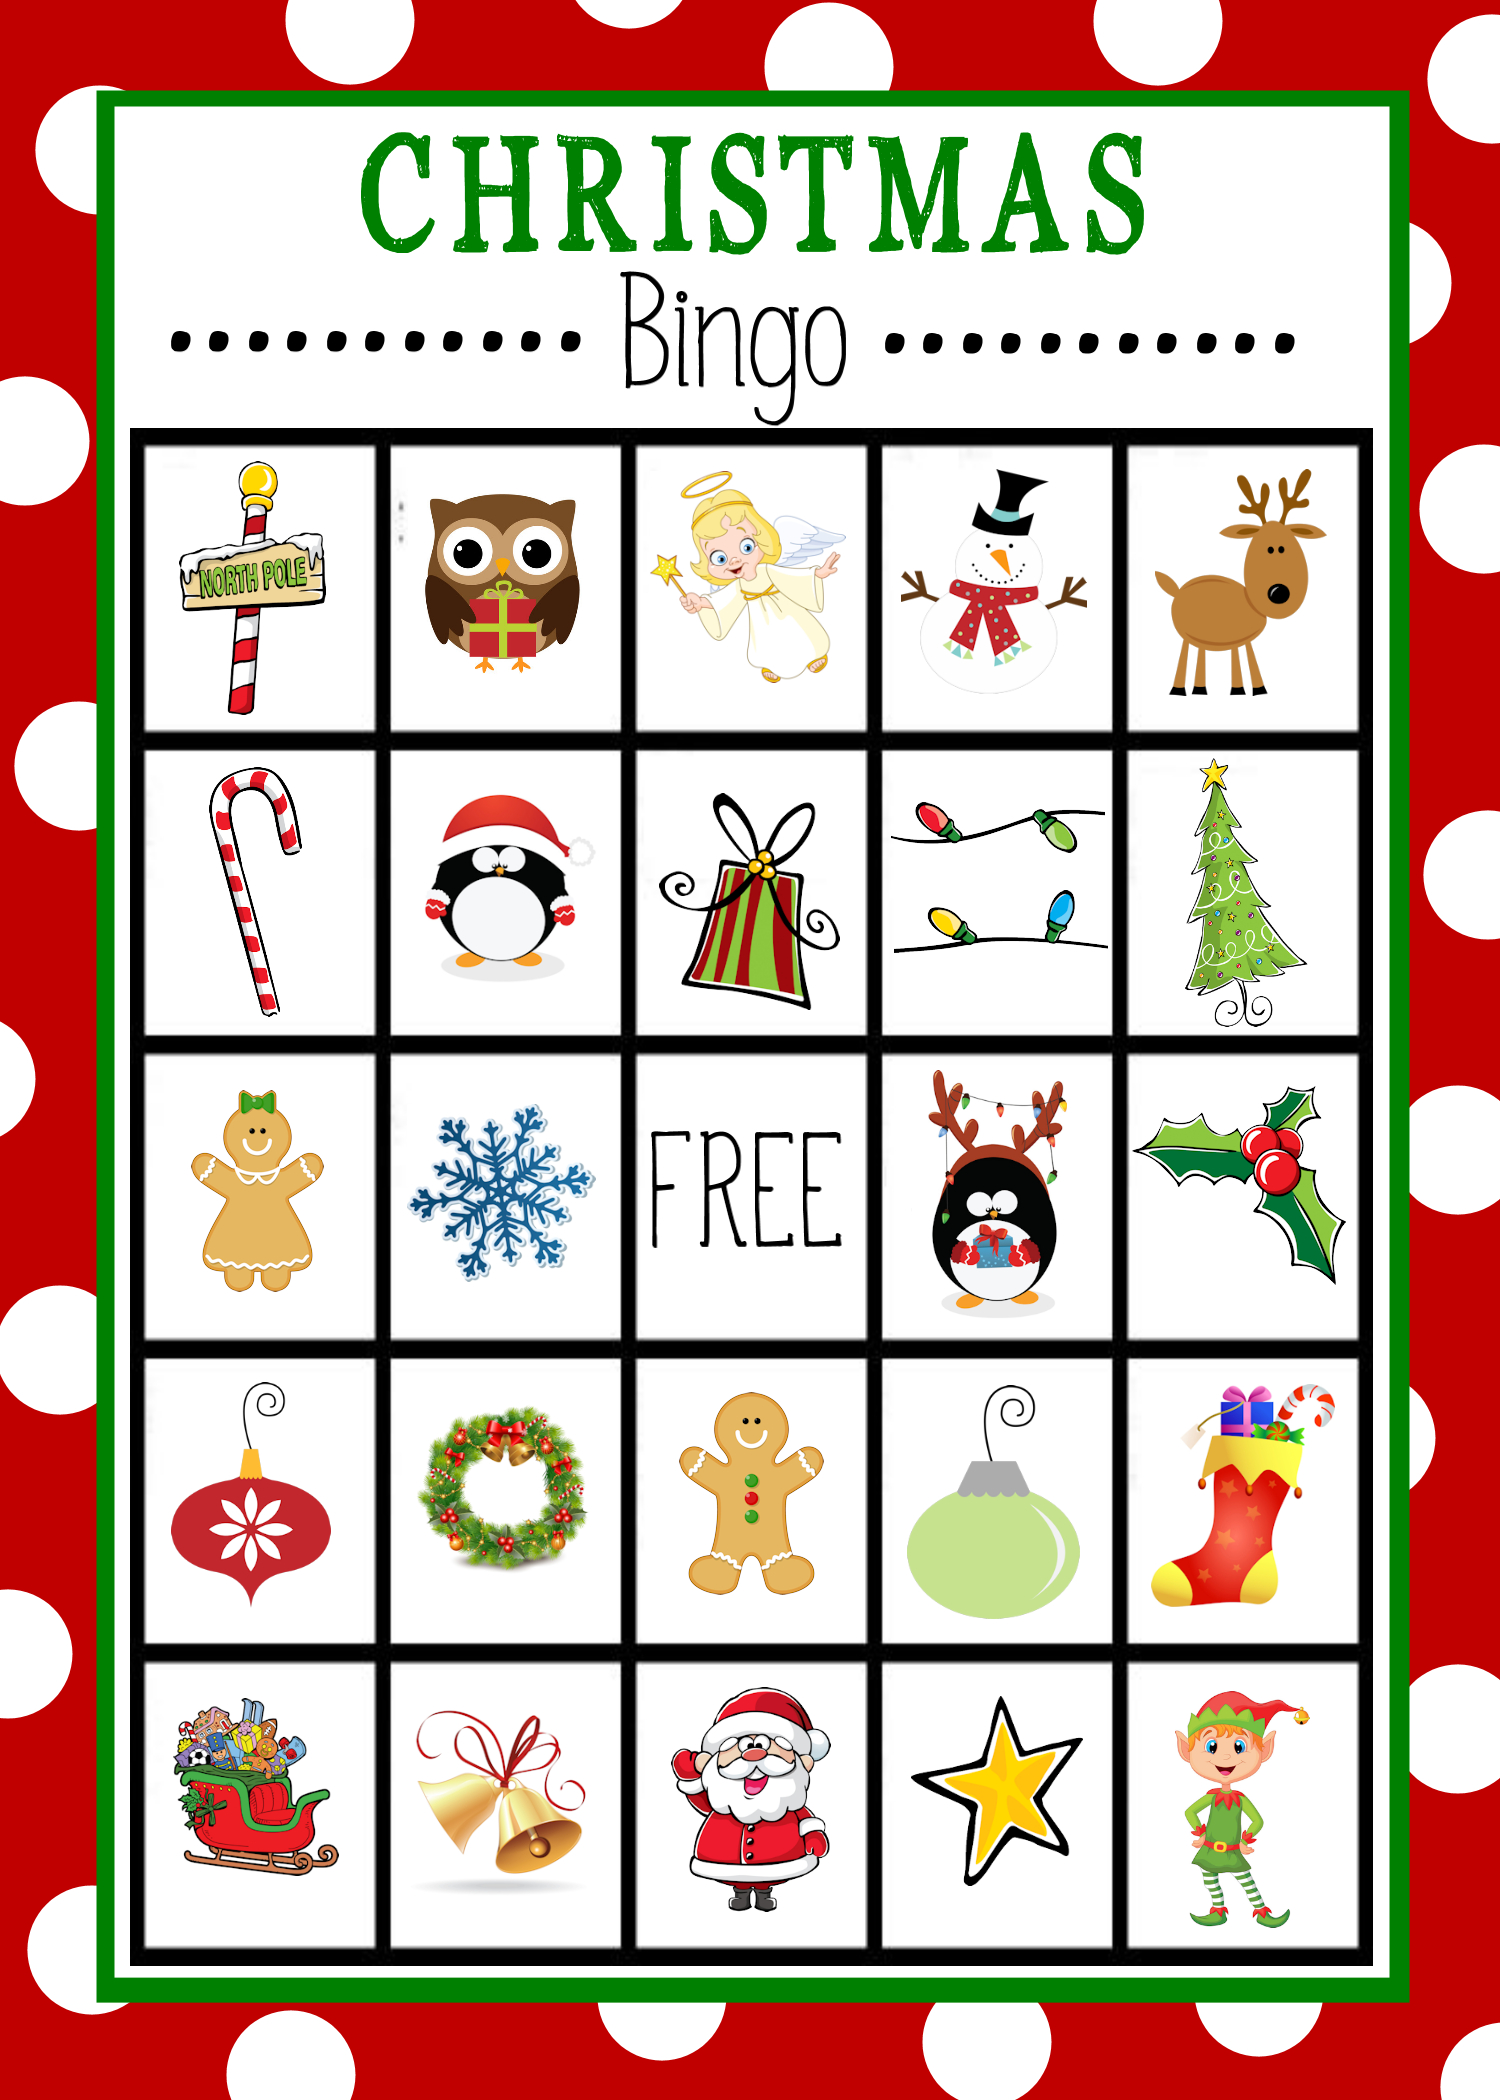 Free Printable Christmas Bingo Game | Christmas | Christmas Bingo - Free Printable Christmas Bingo